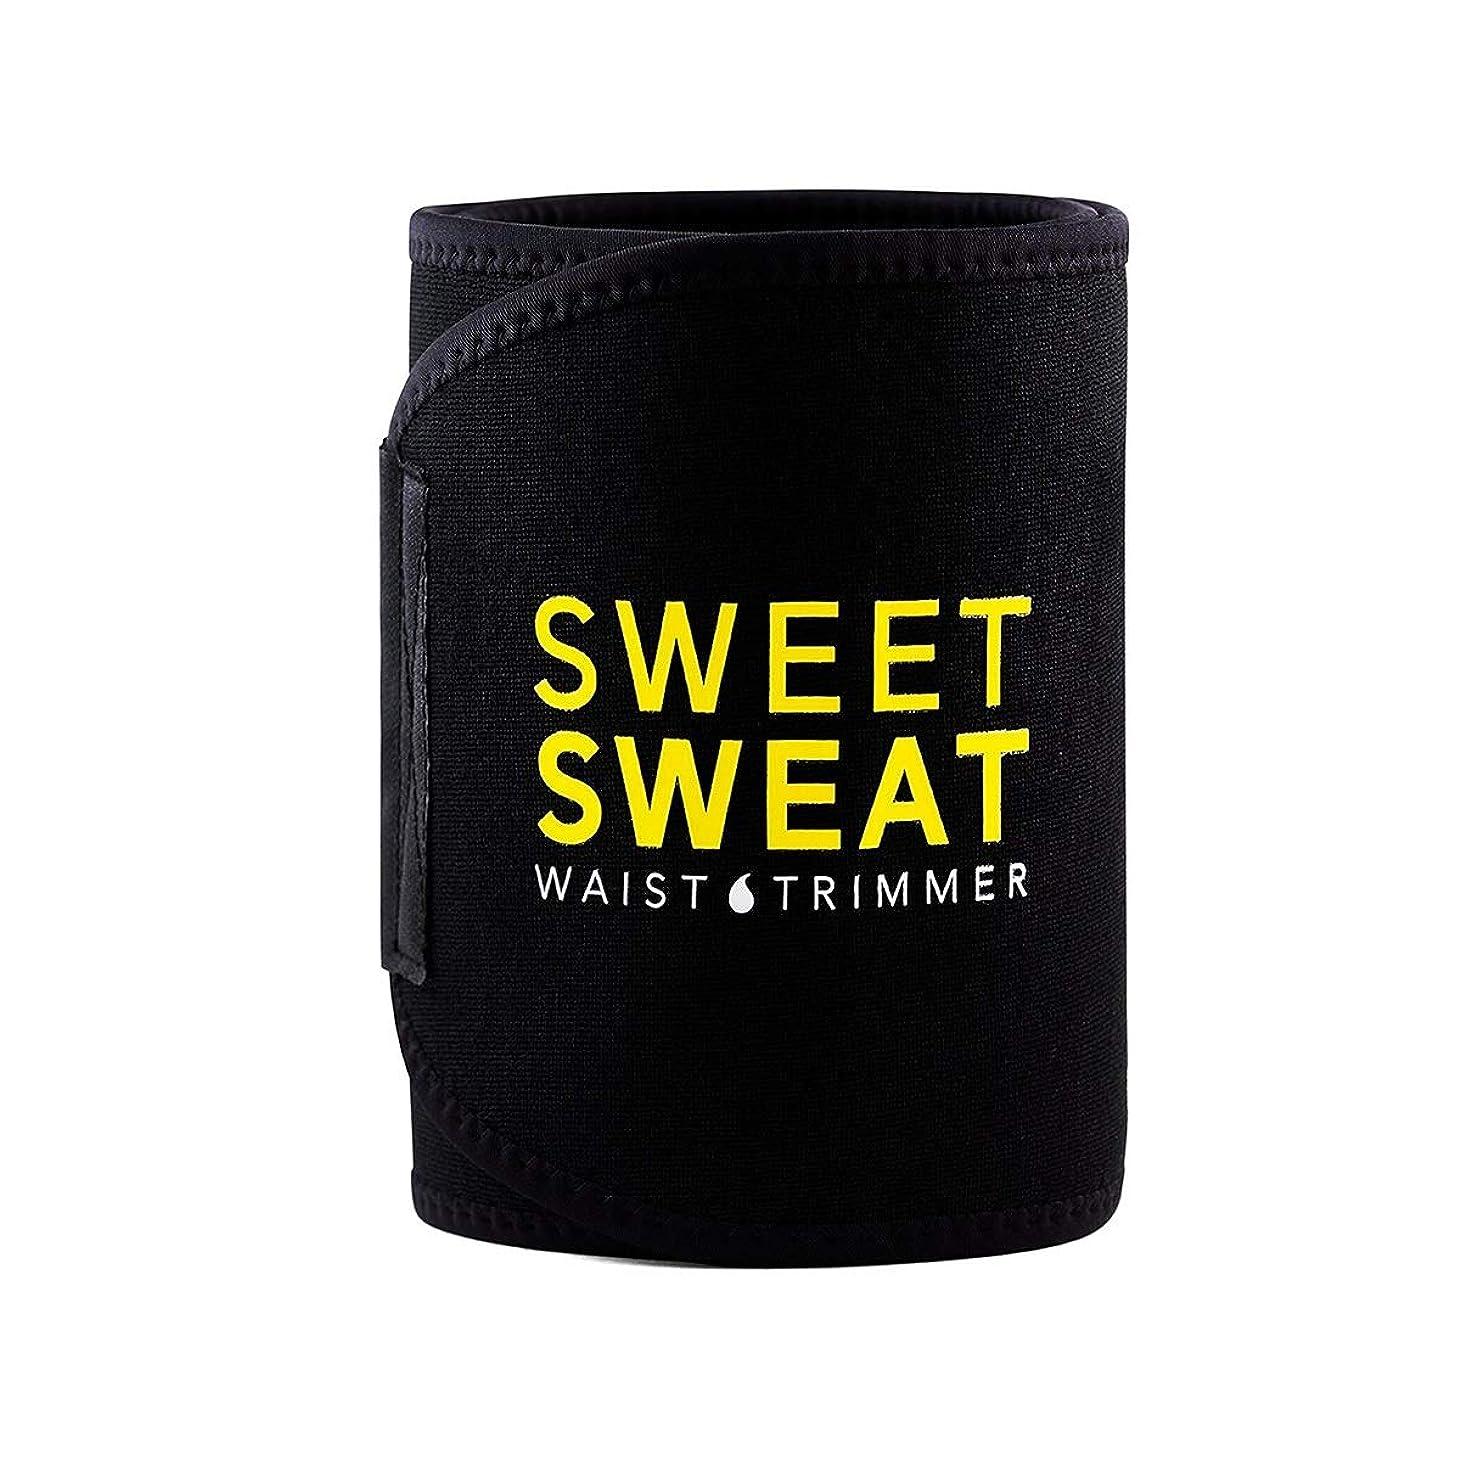 本物枠あざフィットネスエクササイズベルト ネオプレンで作られたが、運動は、熱とバーンズ脂肪を生成脂肪と退院毒素を取り除き、水分吸収を阻害します (Size : S)